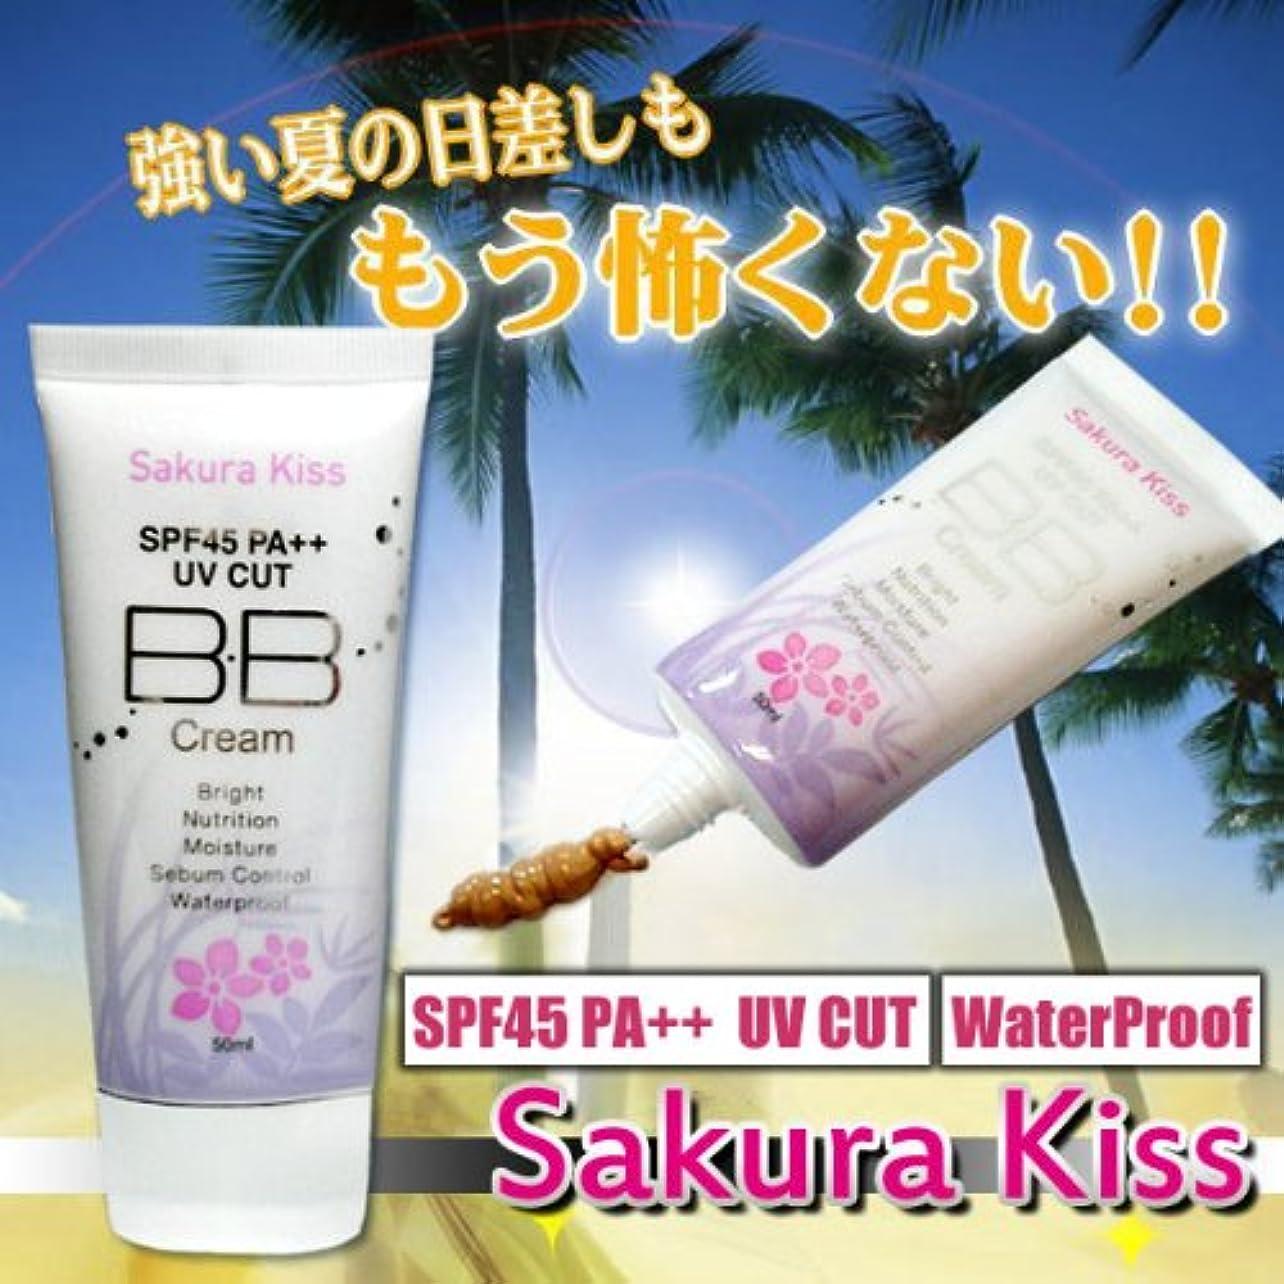 タイプライター旅行代理店出版Sakura Kiss BBクリーム UVプロテクト SPF45PA++ 50ml